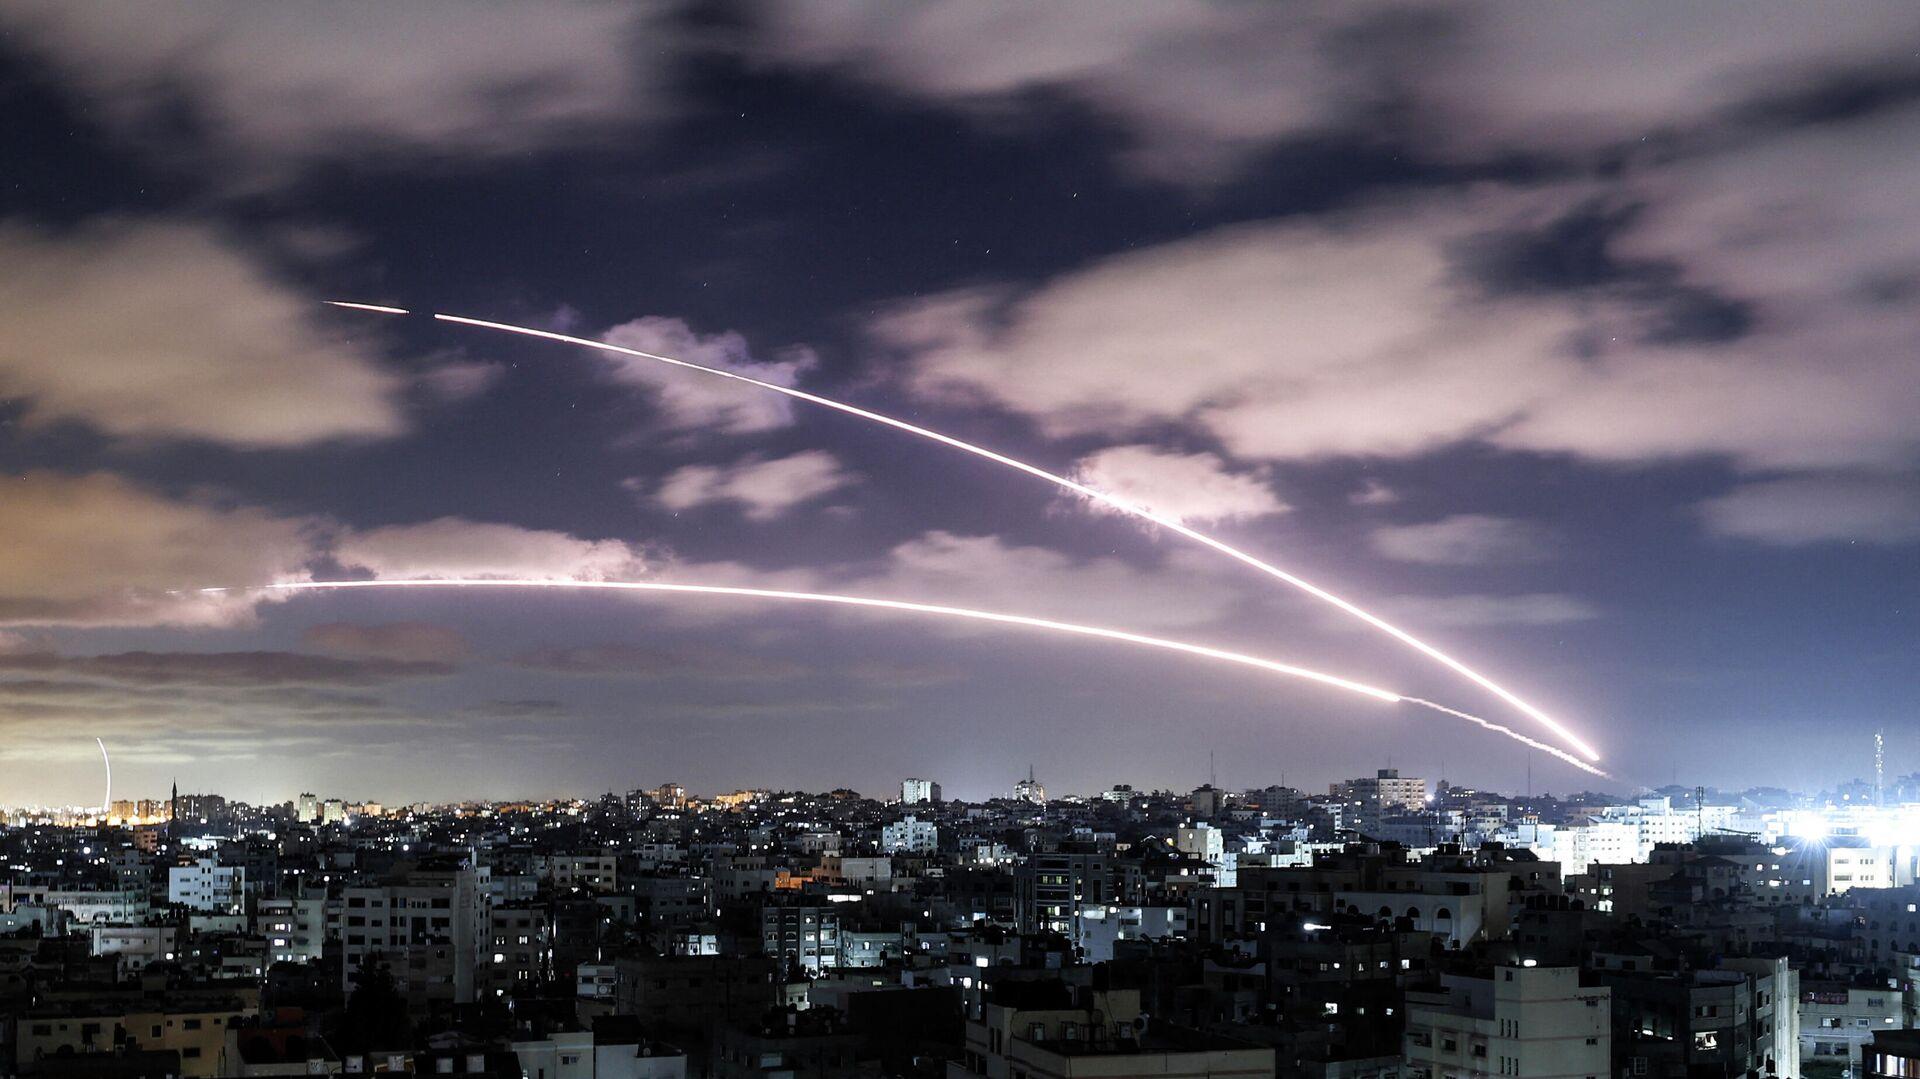 Ataques a Israel desde la Franja de Gaza - Sputnik Mundo, 1920, 19.05.2021